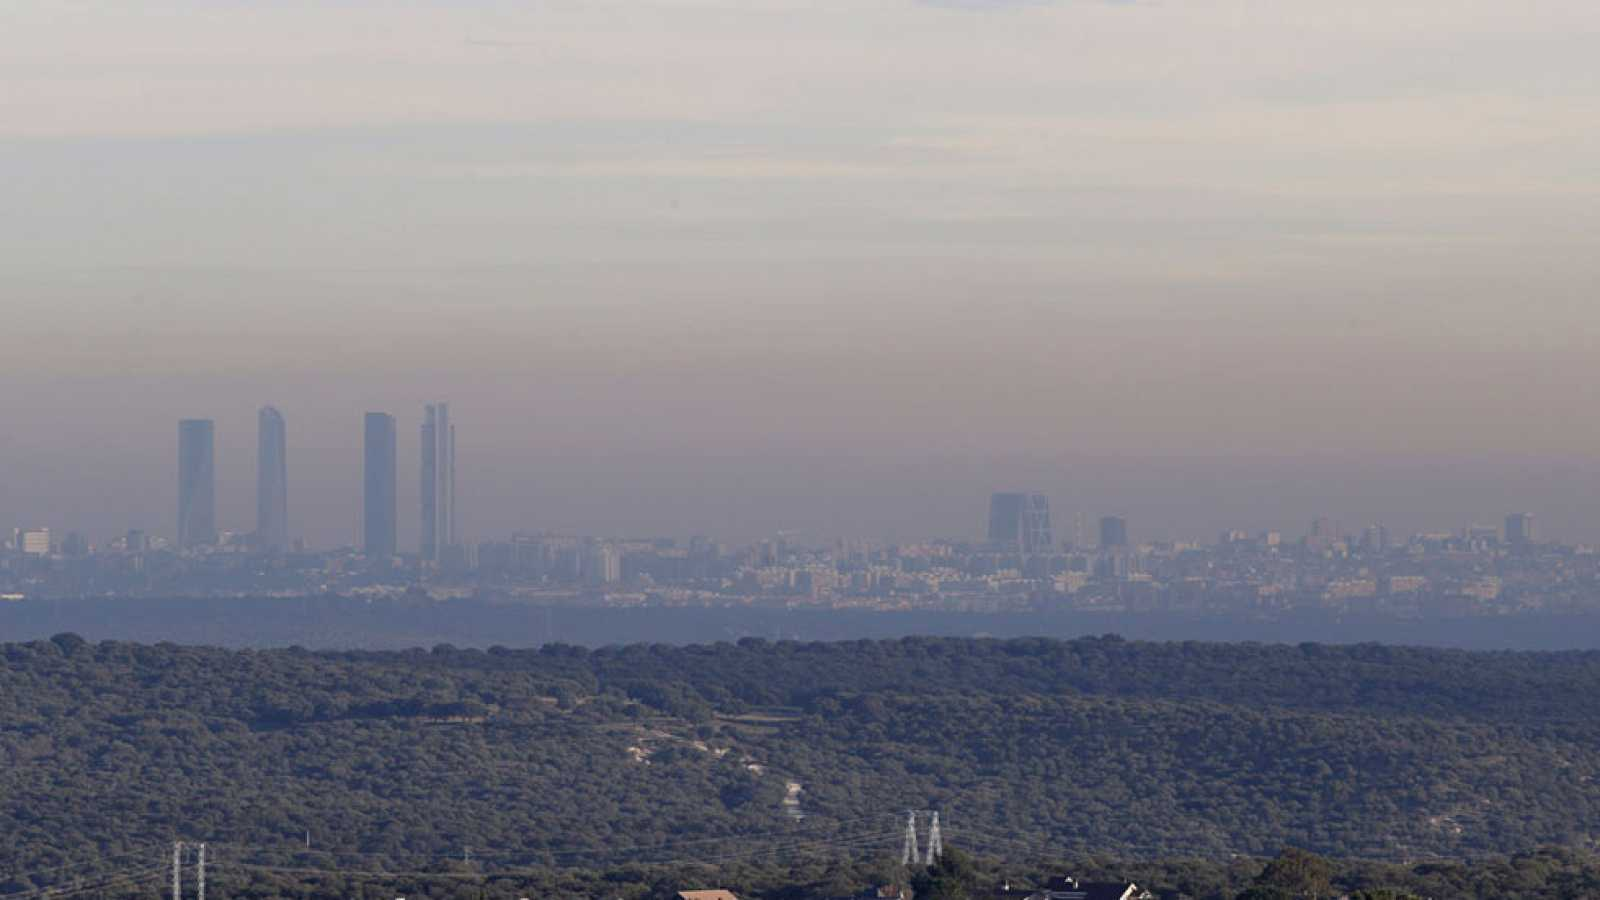 Madrid vuelve a limitar la velocidad por la contaminación y podría prohibir estacionar este miércoles